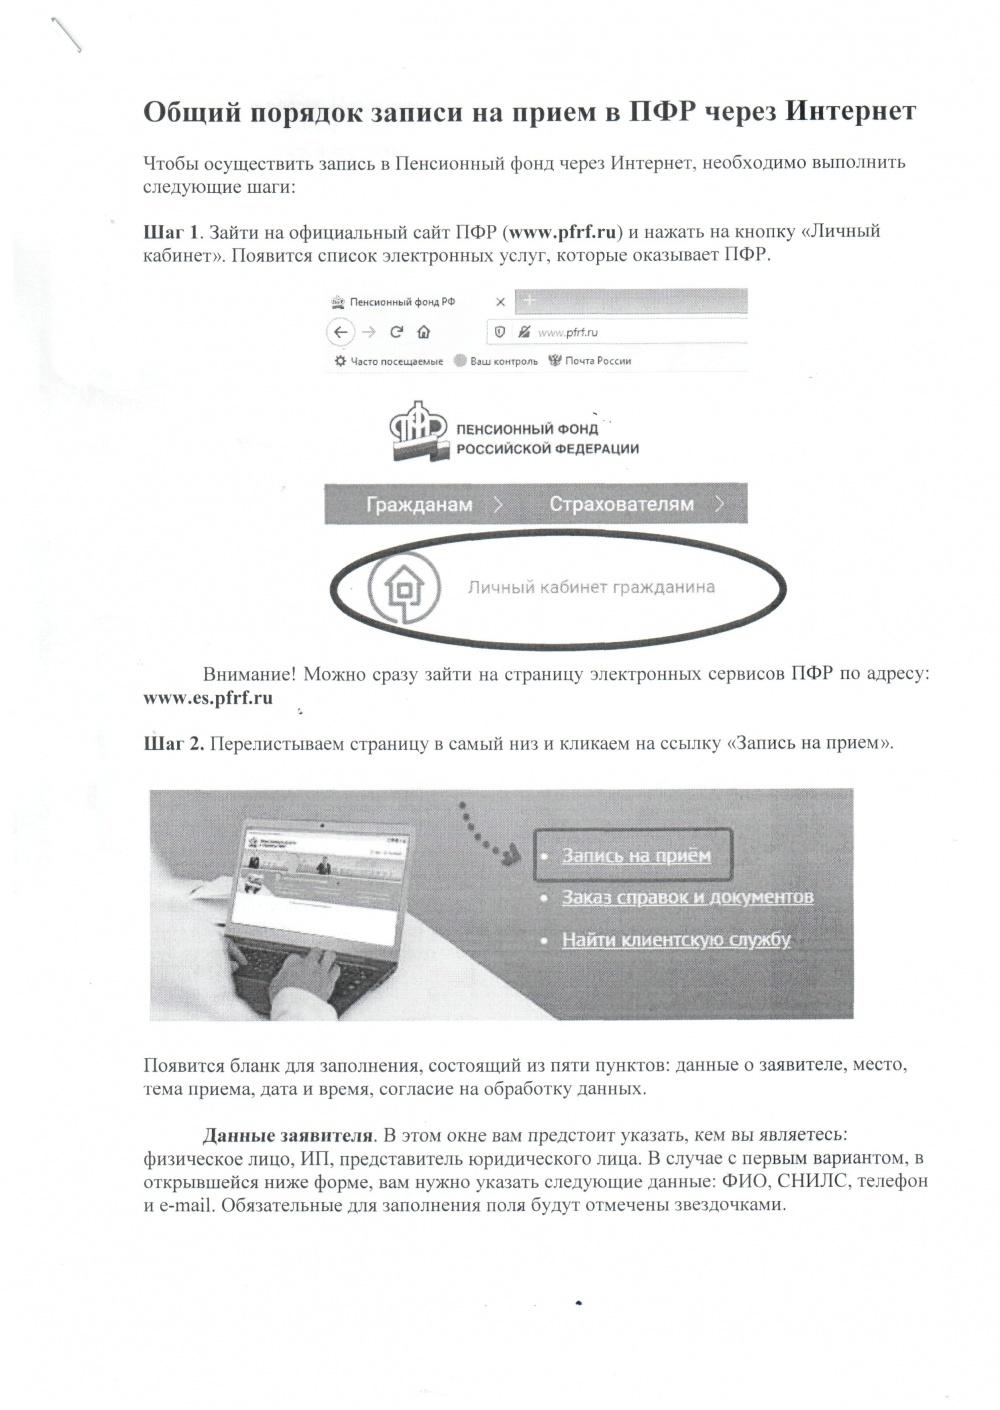 Общий порядок записи на прием в ПФР через Интернет